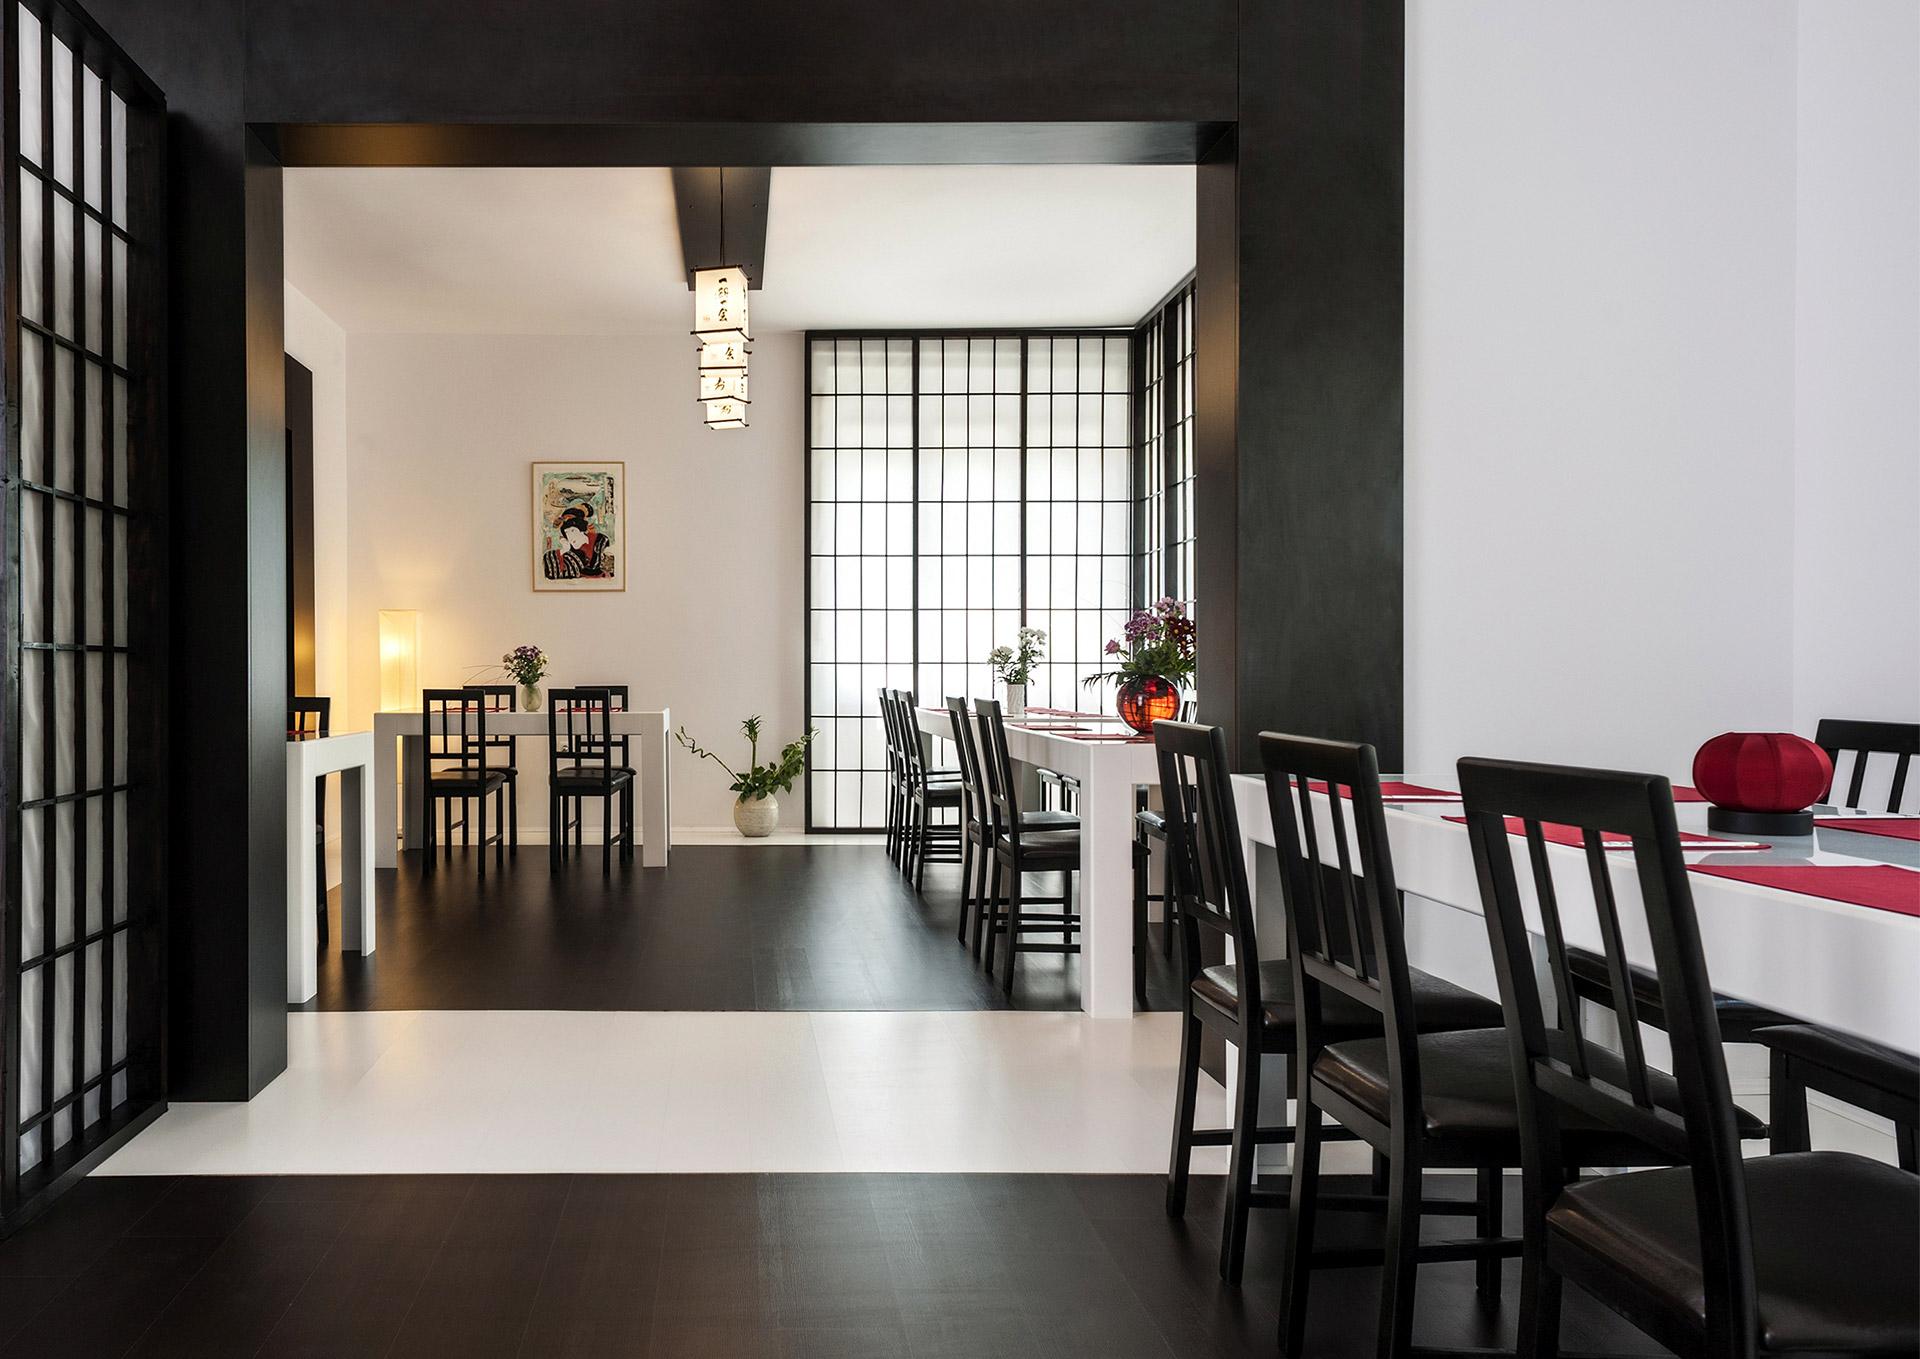 O-ZEN Portfolio Sushi Ya Innendesign Restaurant Detail Tische und Stühle, Handgemachte Japanische Objekte